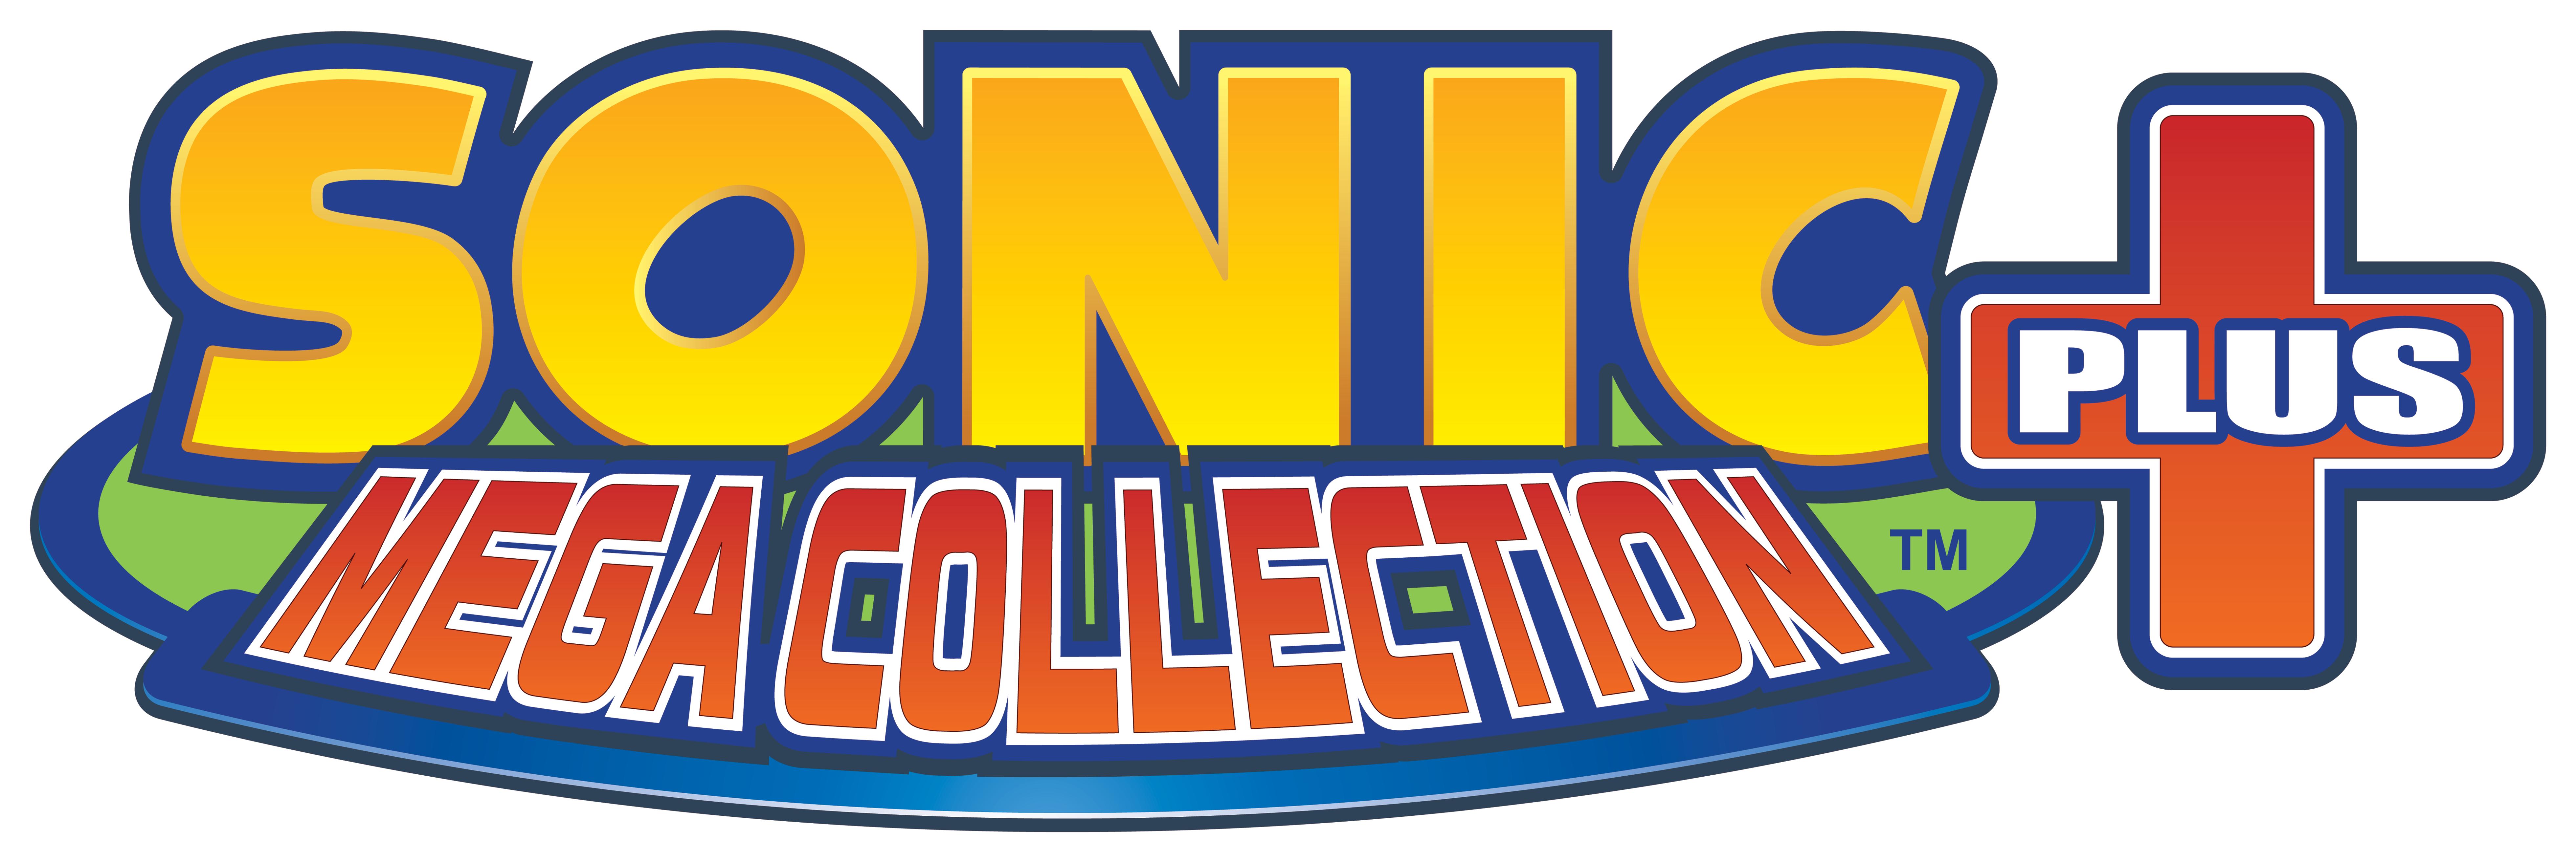 sonic team wallpaper